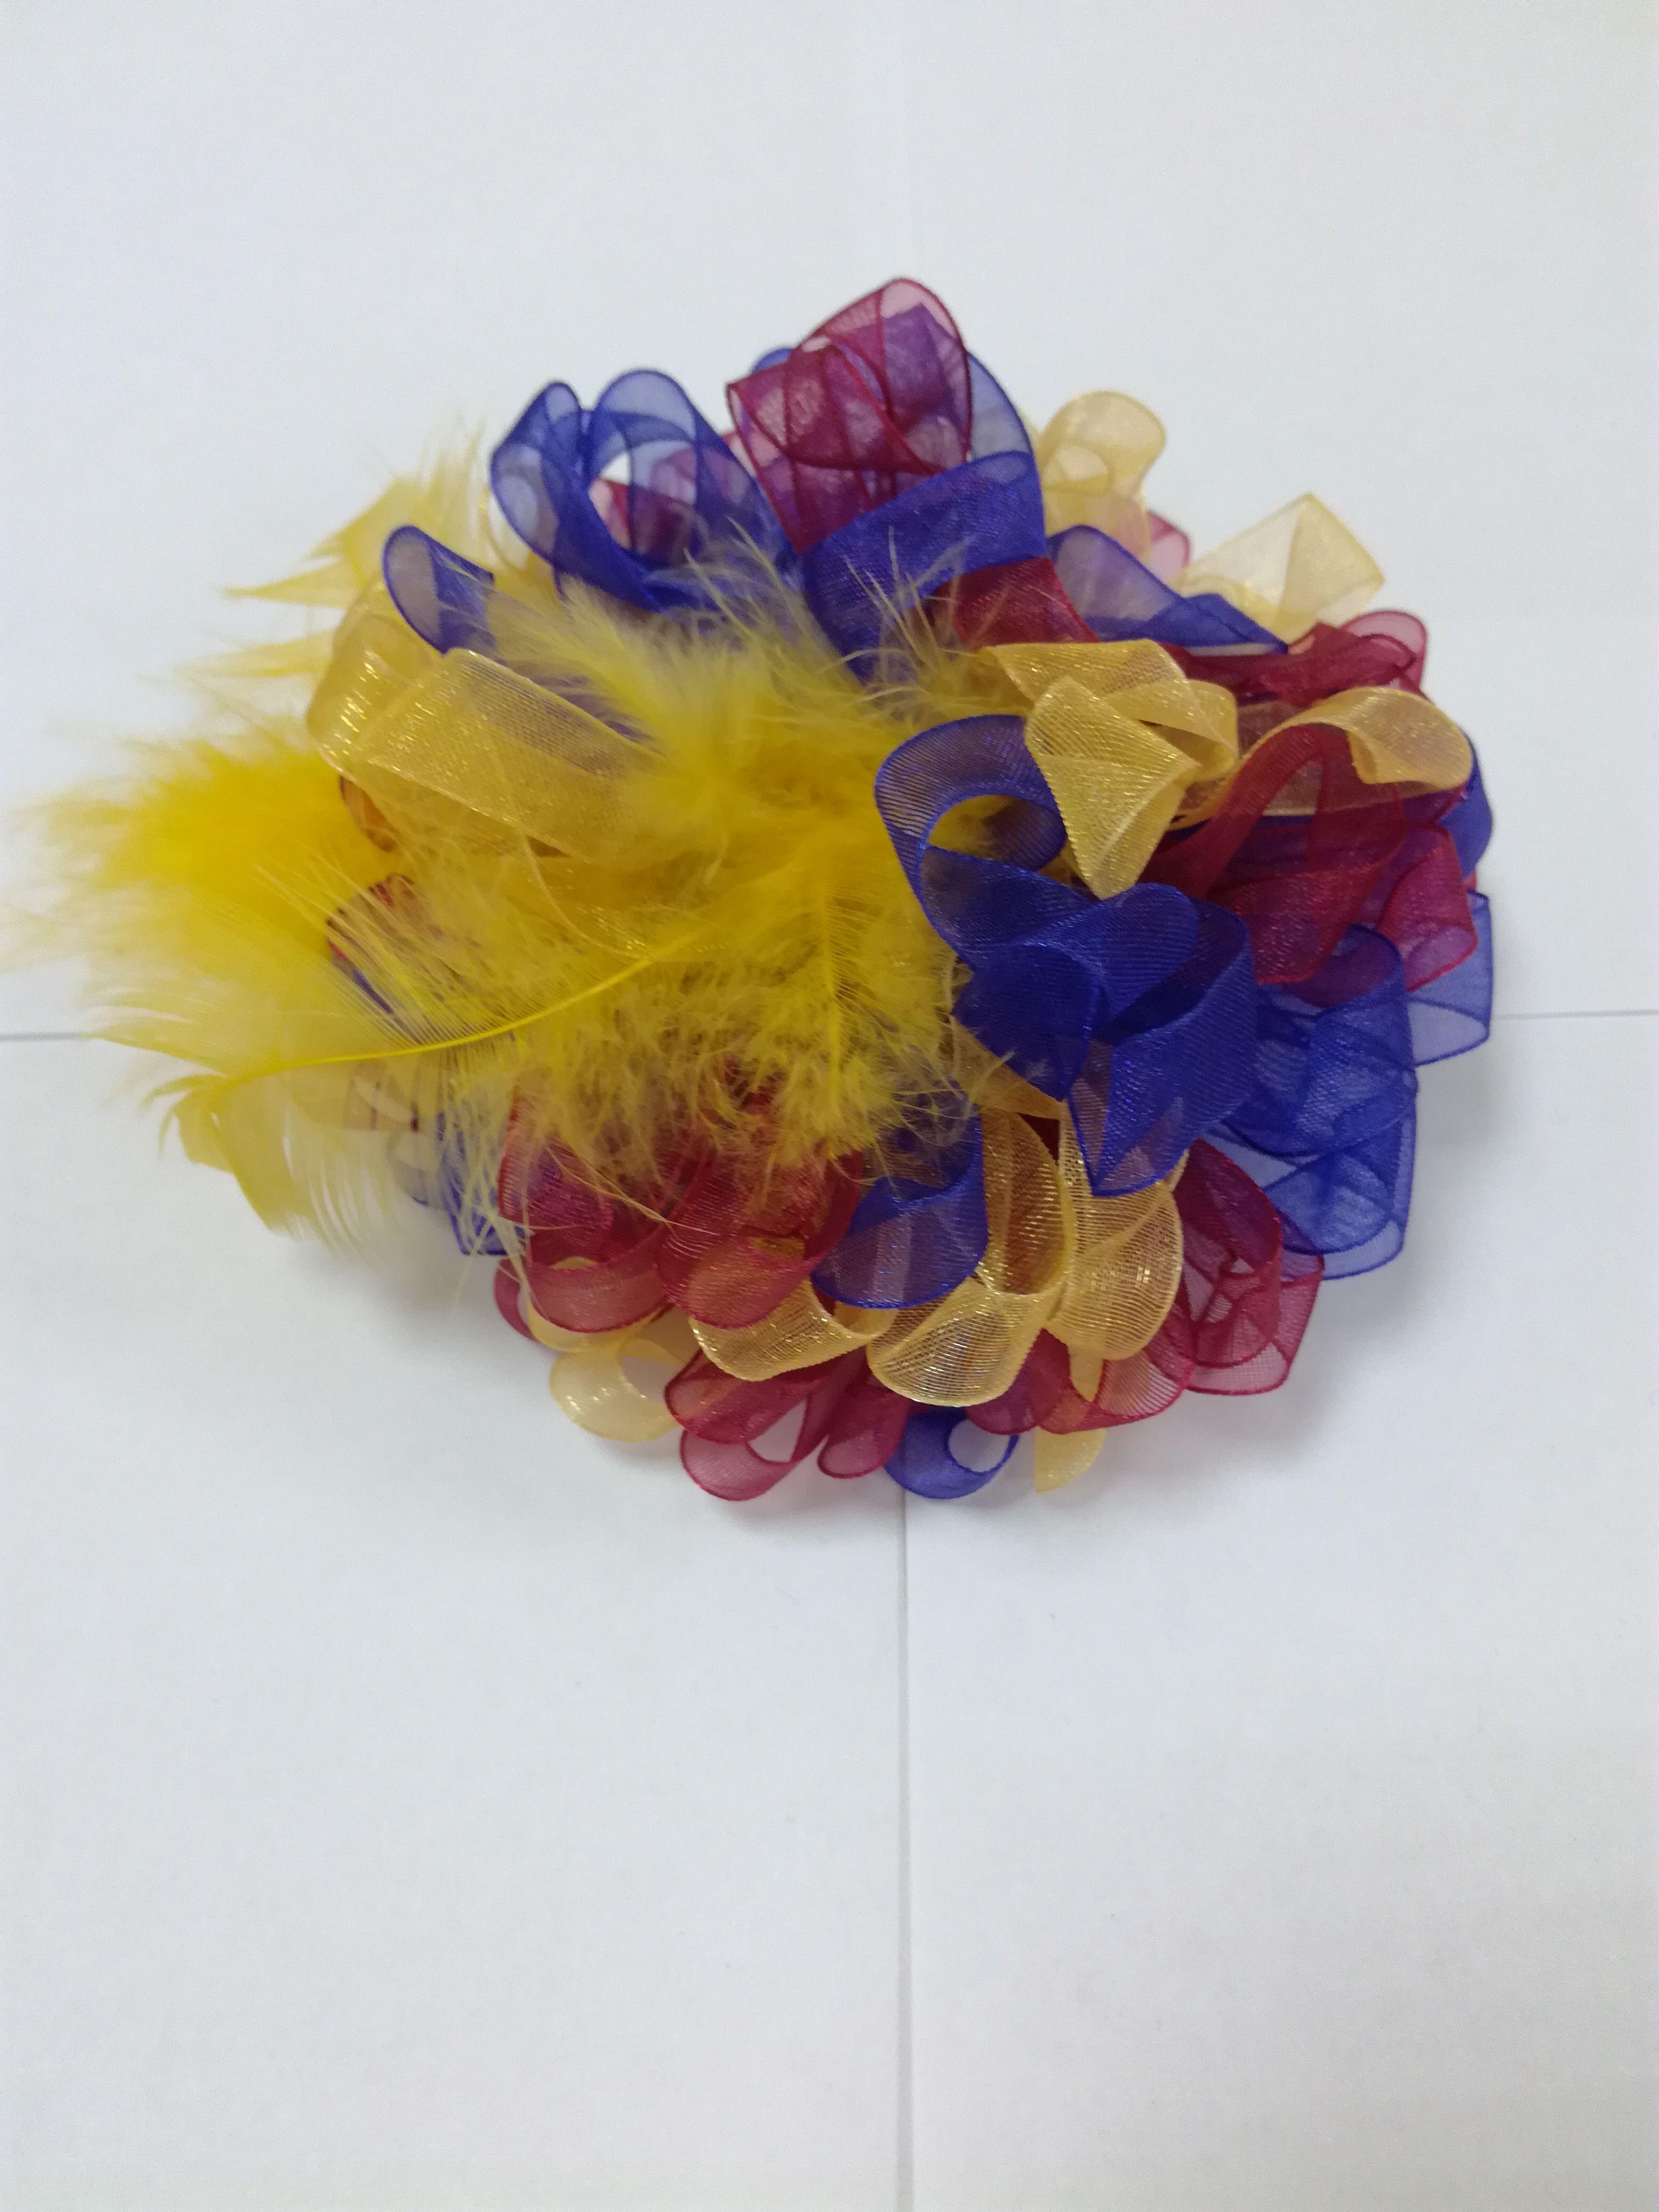 аксессуар украшенияподарокброшьцветок женщины